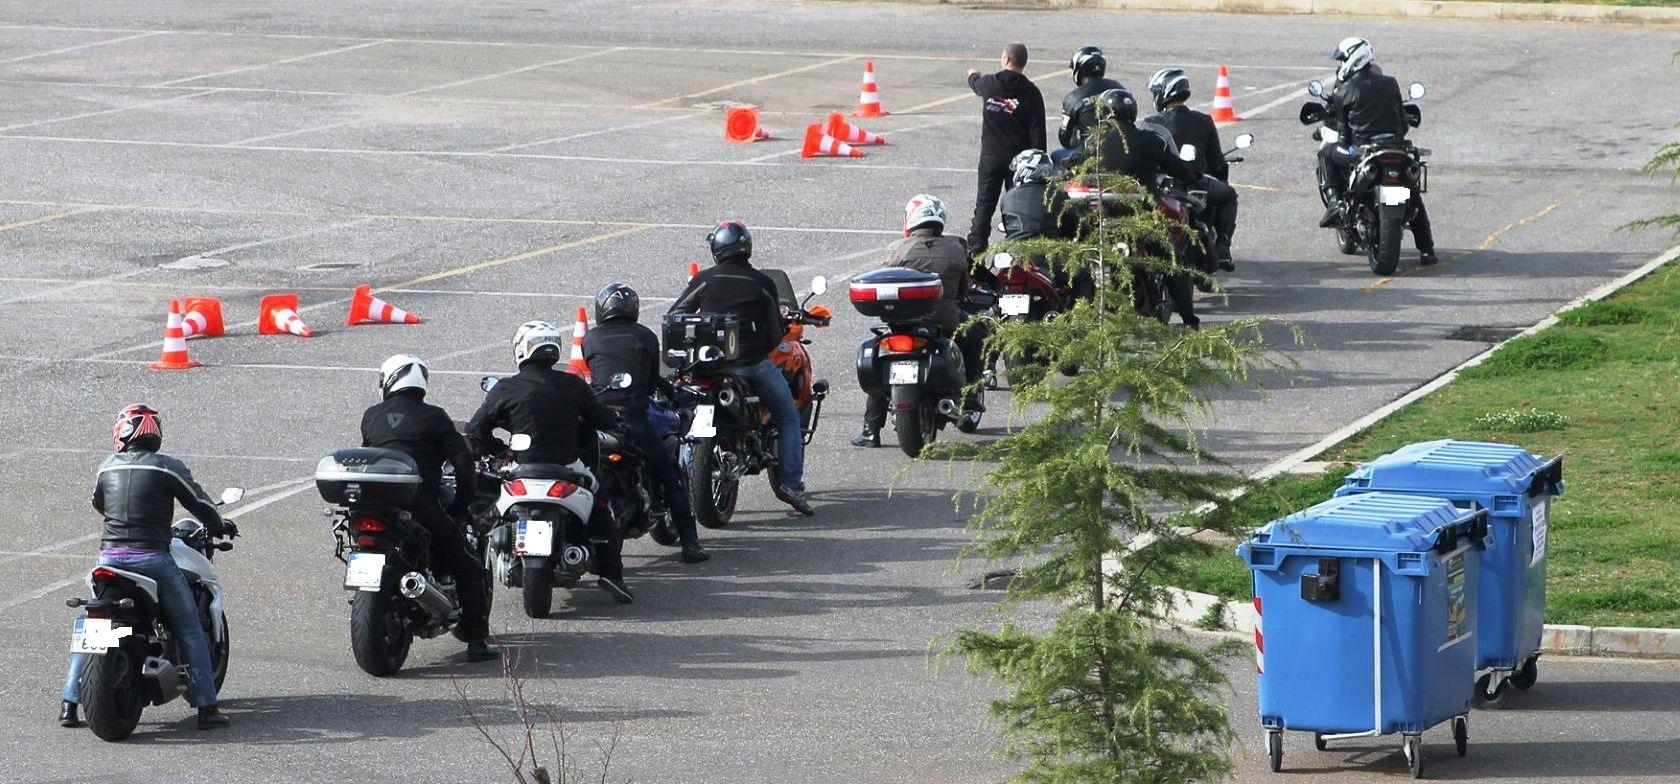 lesxi motosikletas